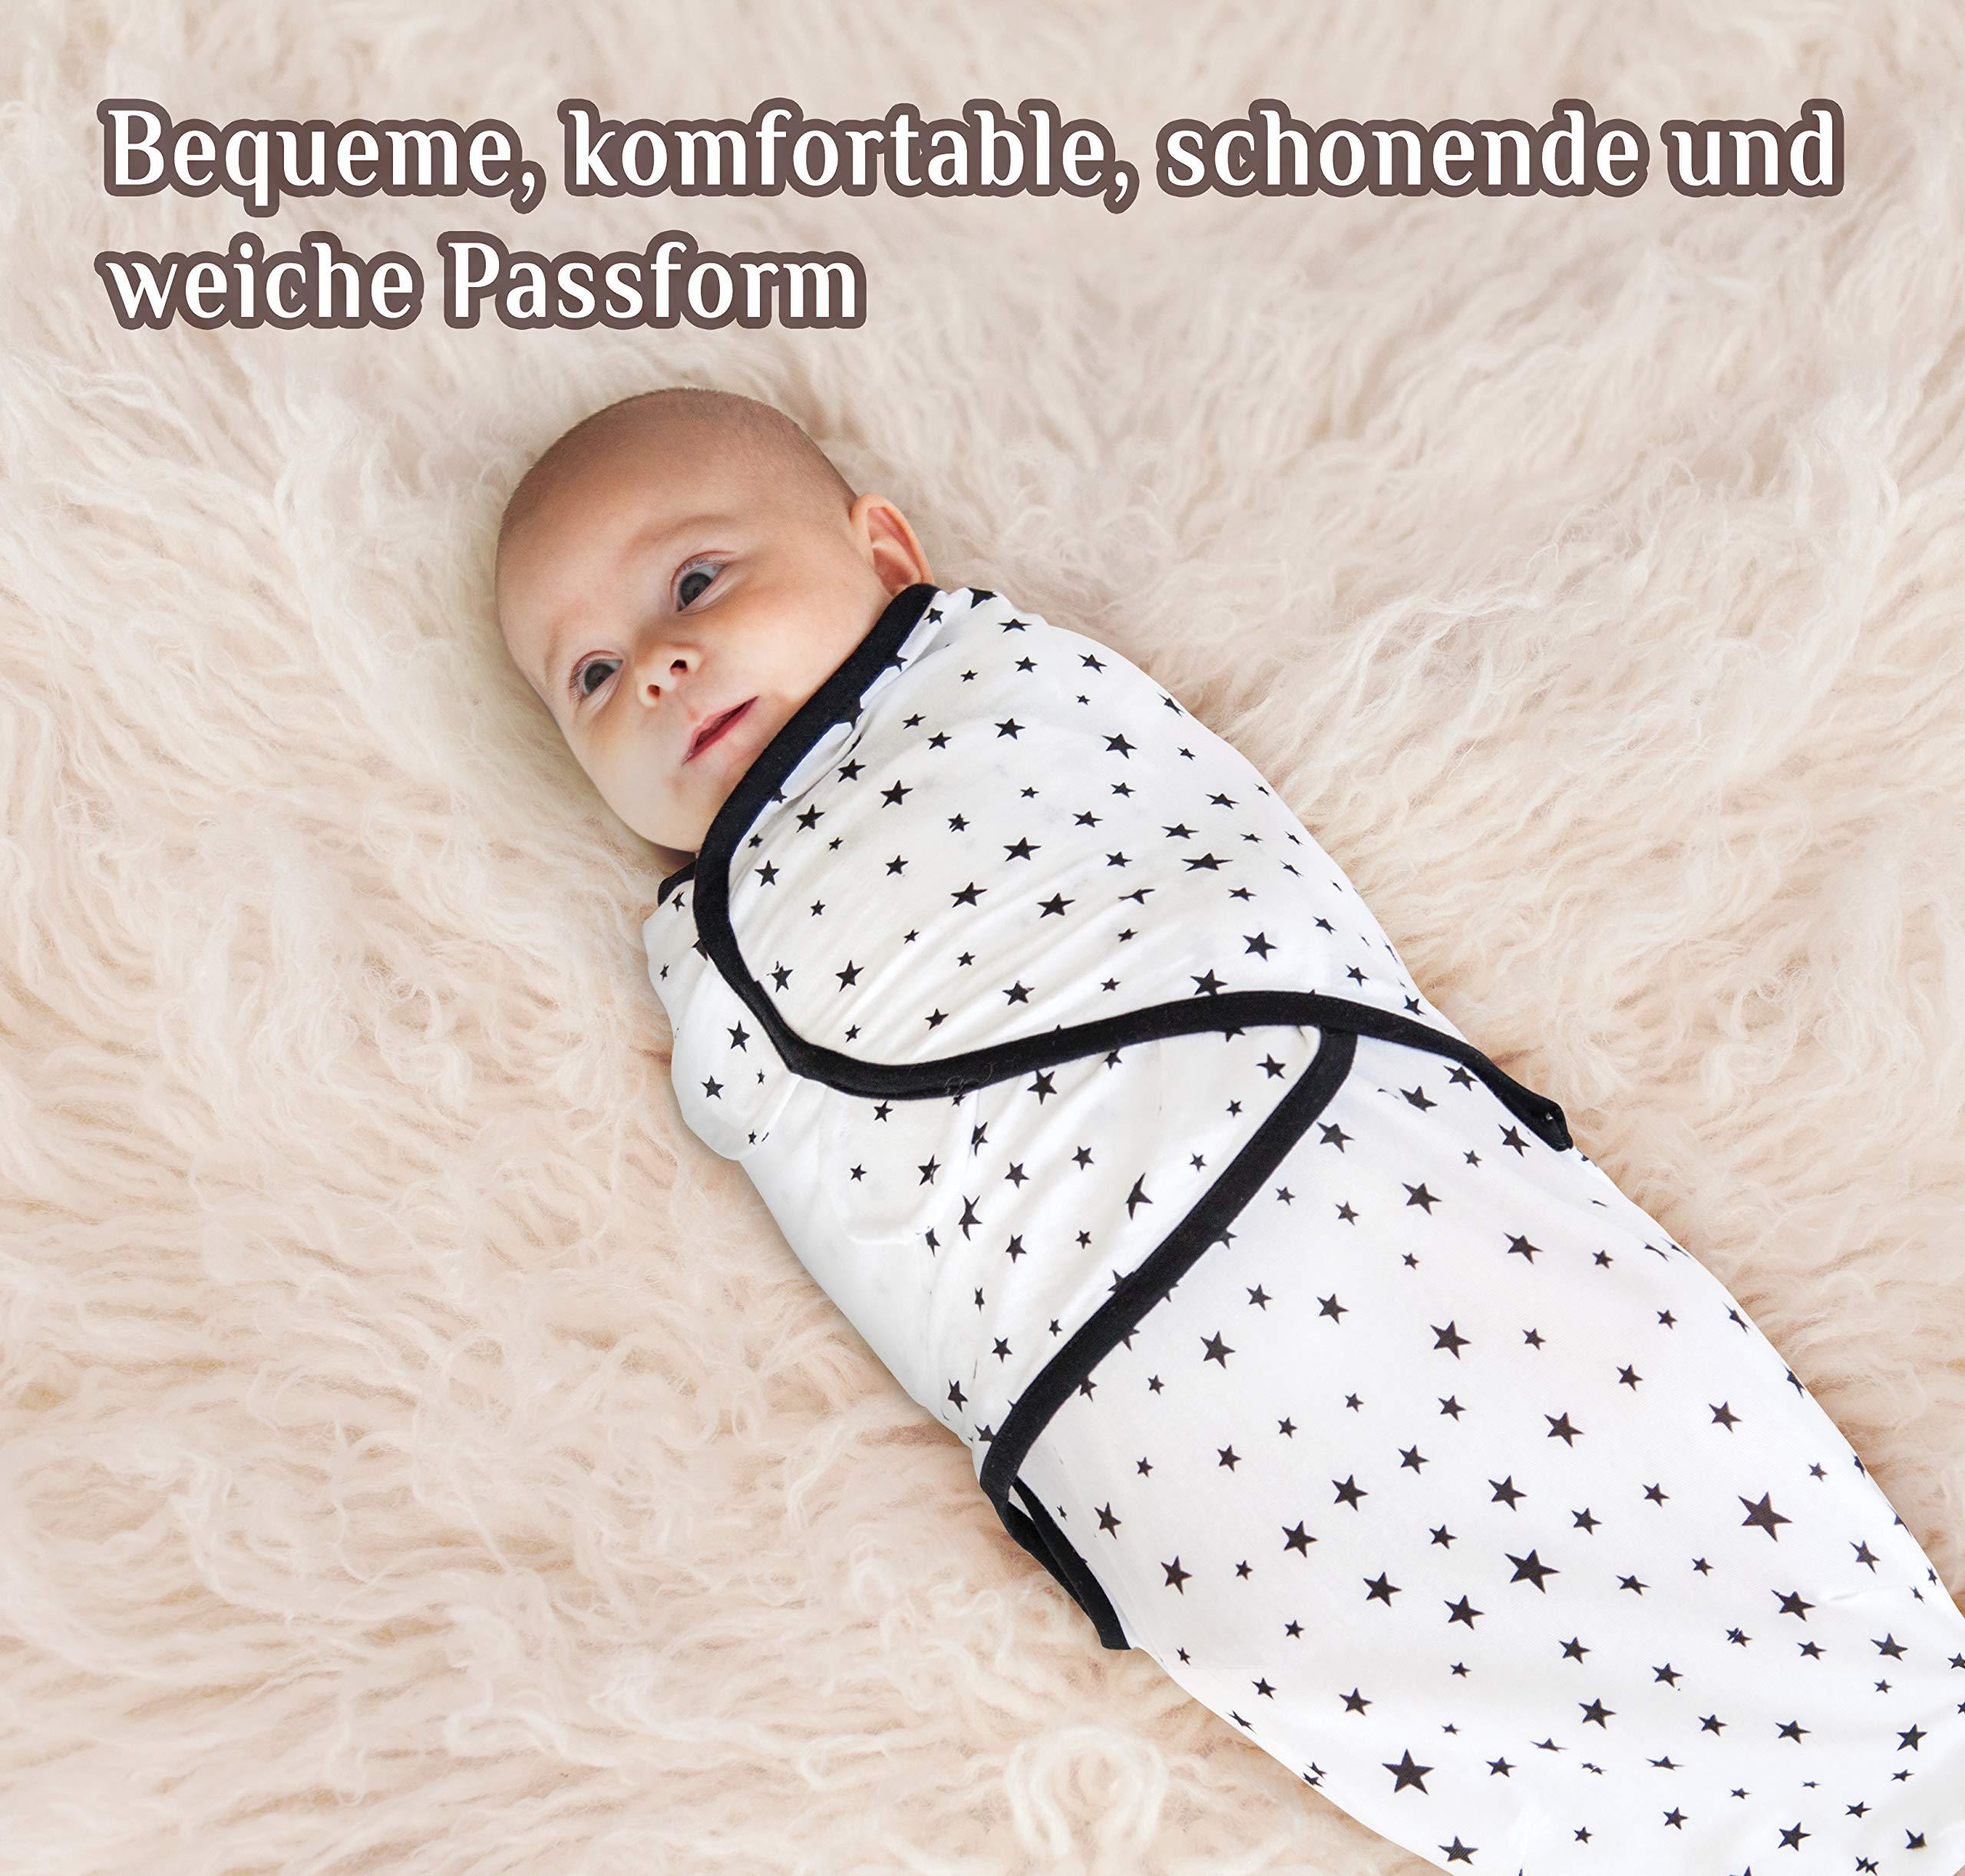 Manta Envolvente para Bebé y Recien Nacido – 3x Saco de Dormir Manta de Arrullo Cobija 100% Algodón – Gris 0-3 Meses